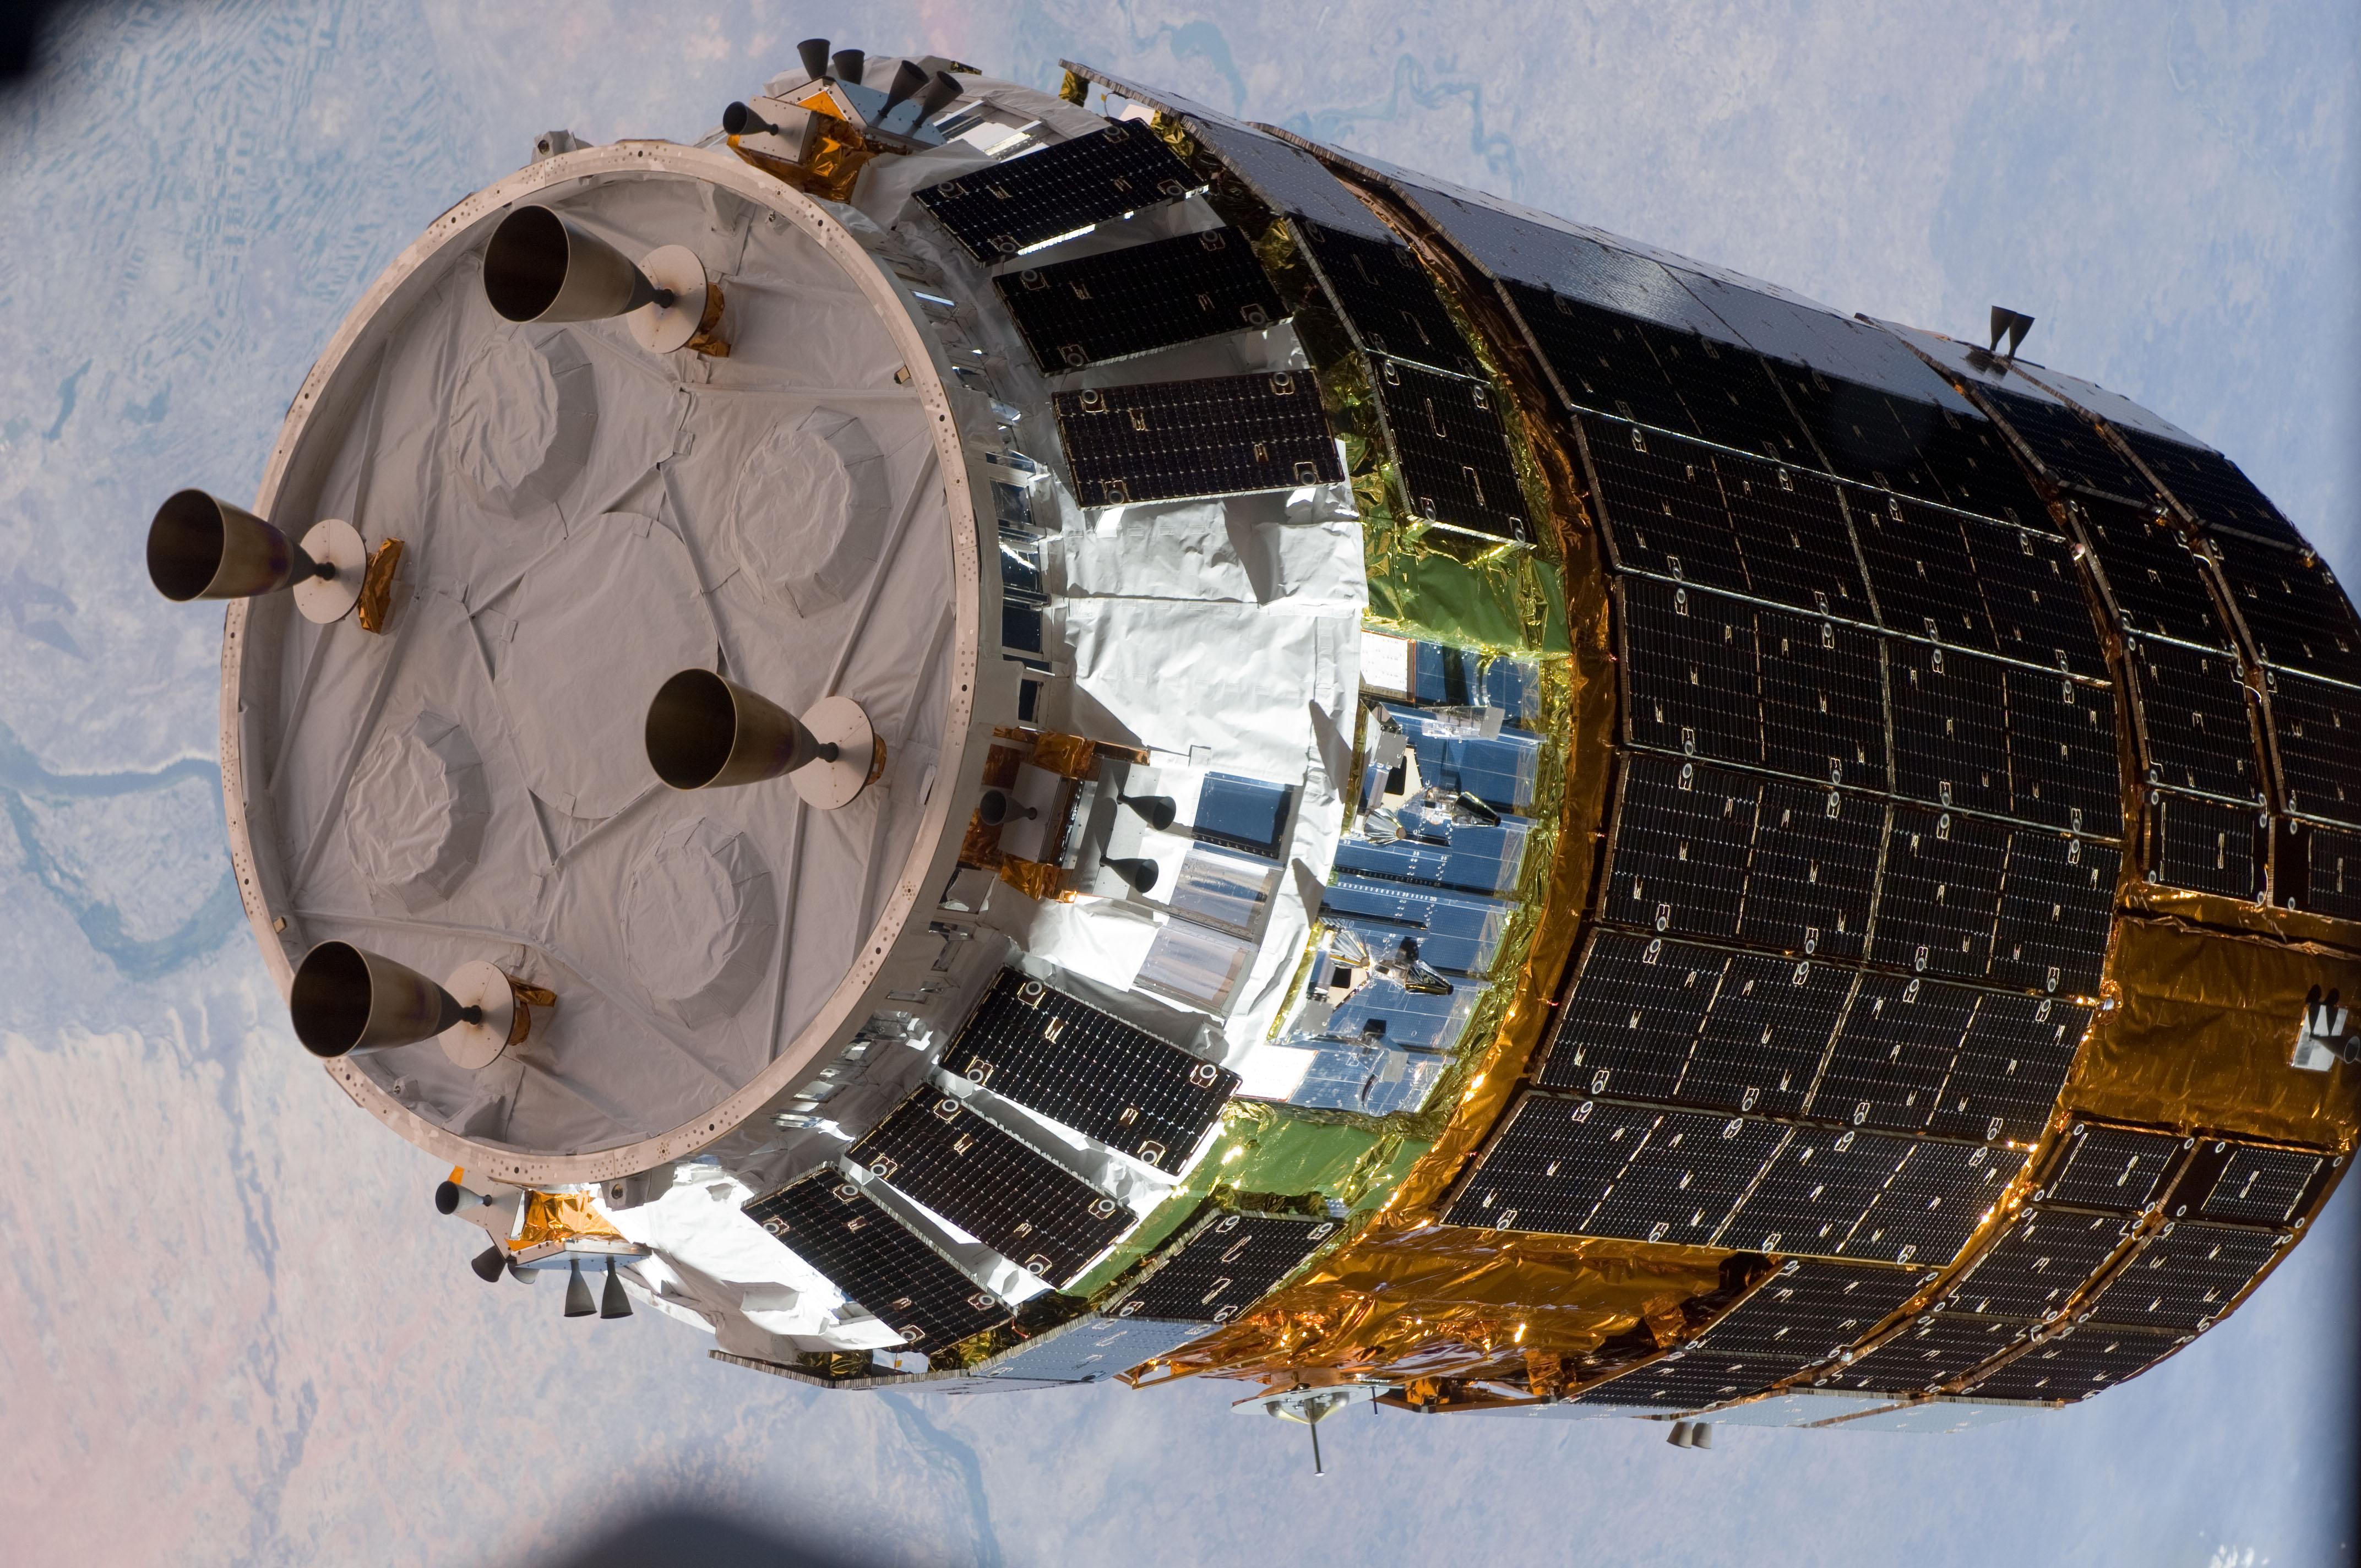 Ιαπωνικό μεταγωγικό έφτασε στον Διεθνή Διαστημικό Σταθμό